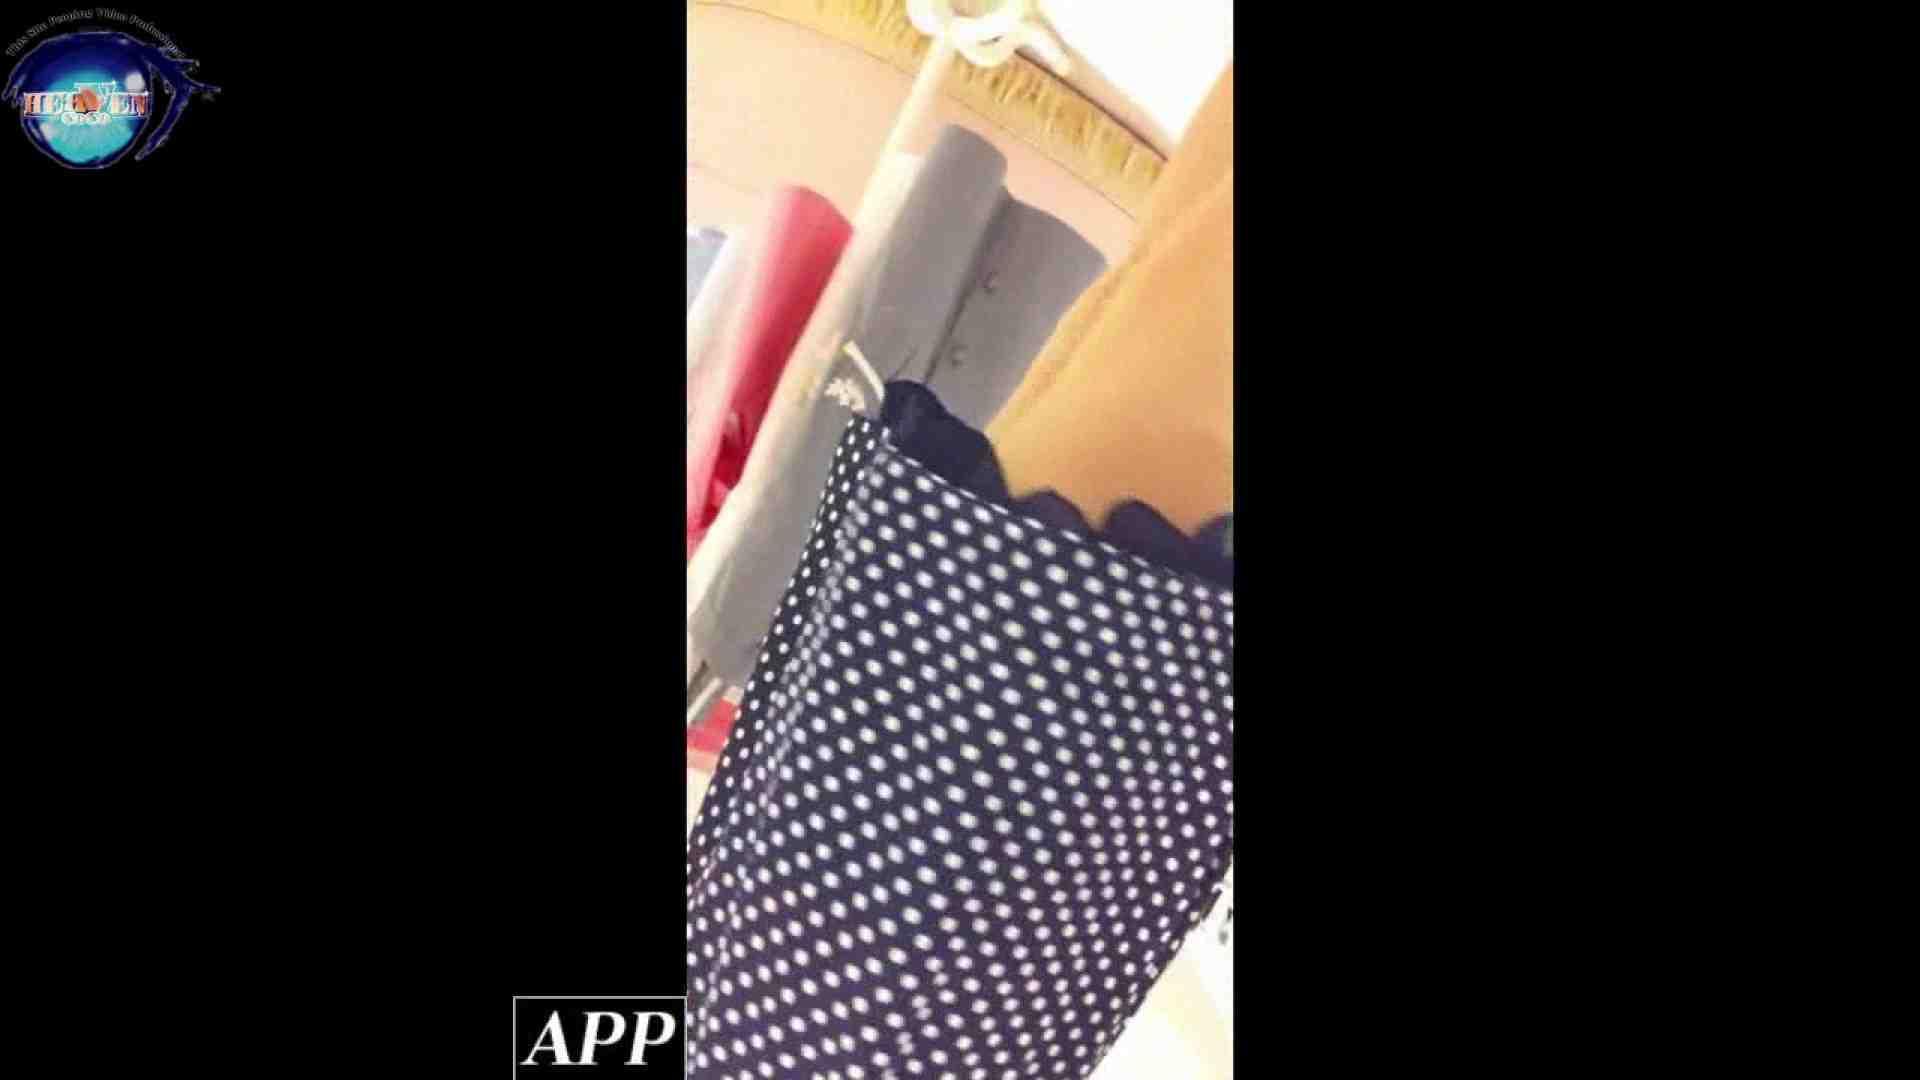 ハイビジョン盗撮!ショップ店員千人斬り!胸チラ編 vol.47 胸チラ  100PIX 45